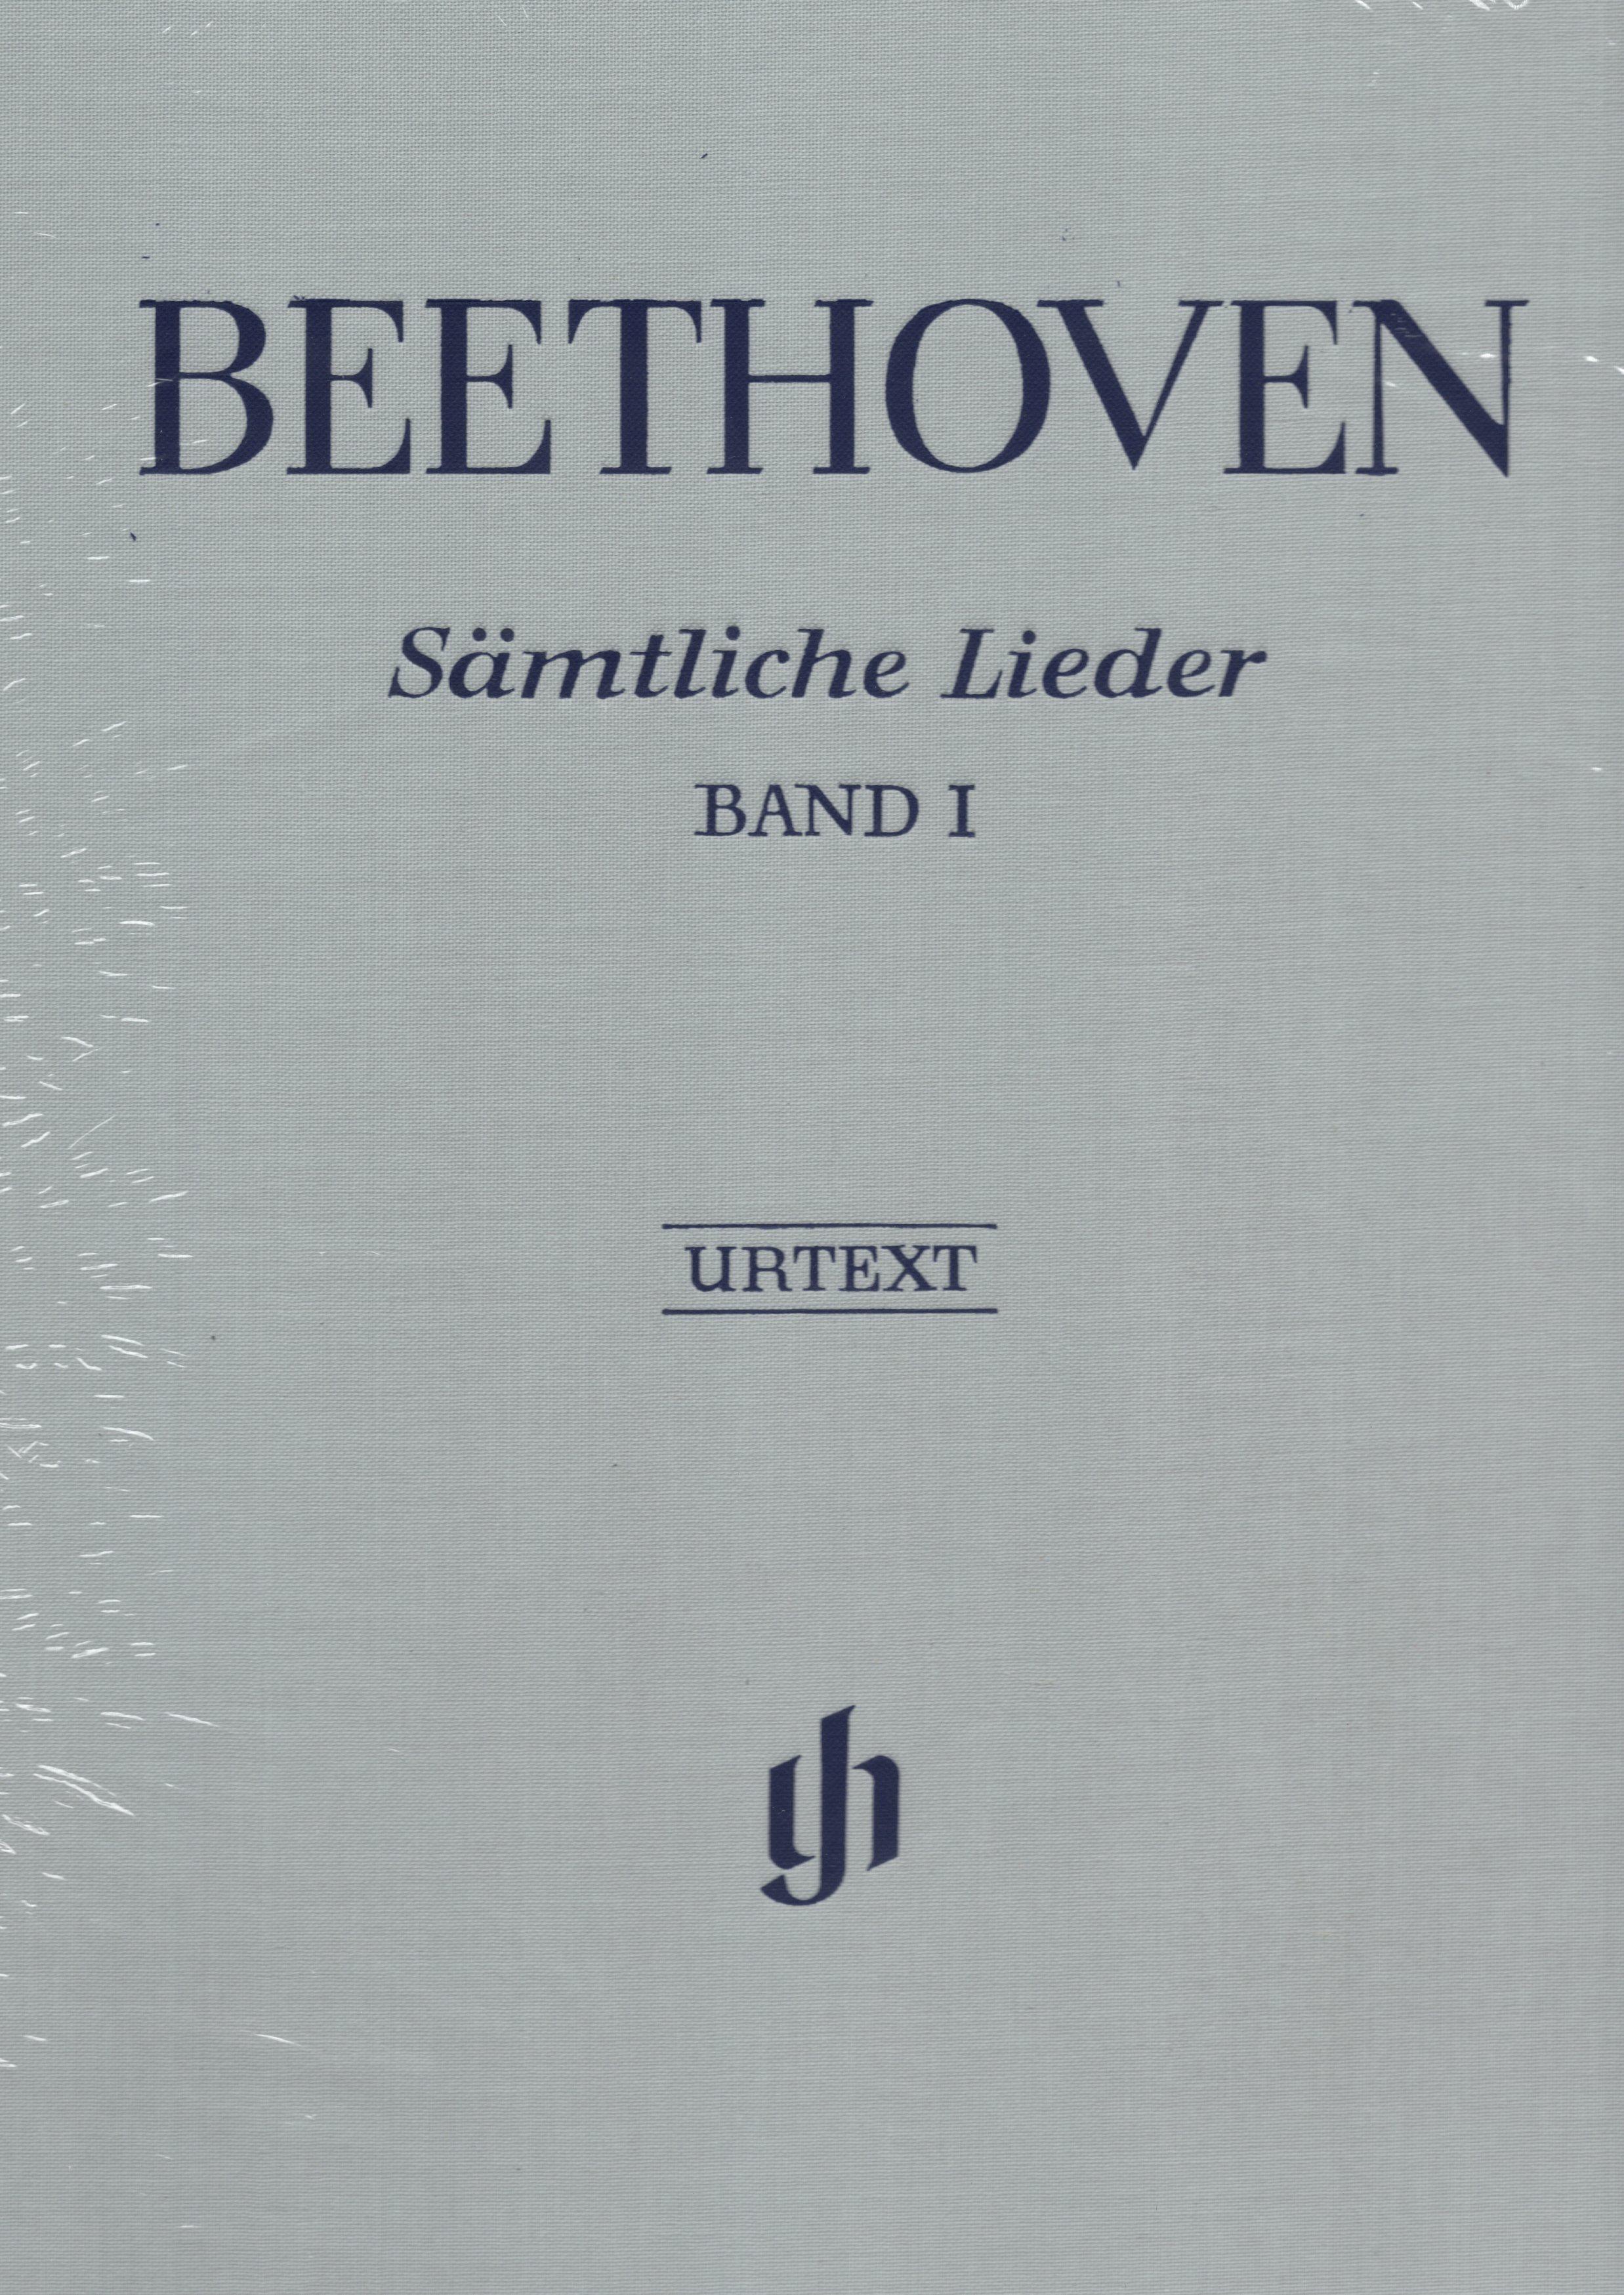 【聲樂樂譜】貝多芬完整藝術歌曲集(原典版) 第一冊 Ludwig van Beethoven: Smtliche Lieder (Urtext) Band 1